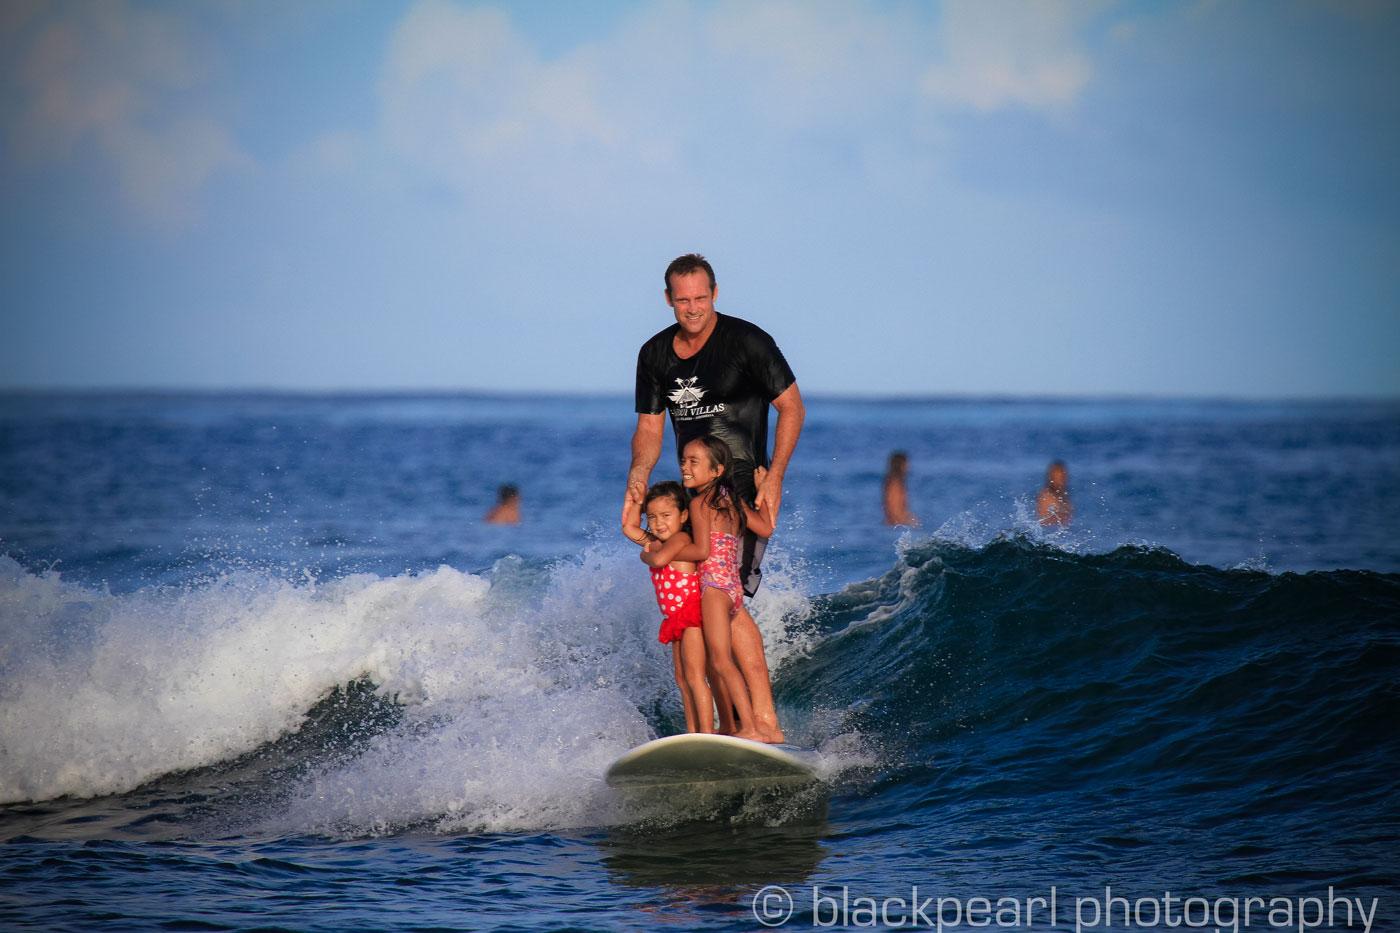 familysurf_kanduivillas